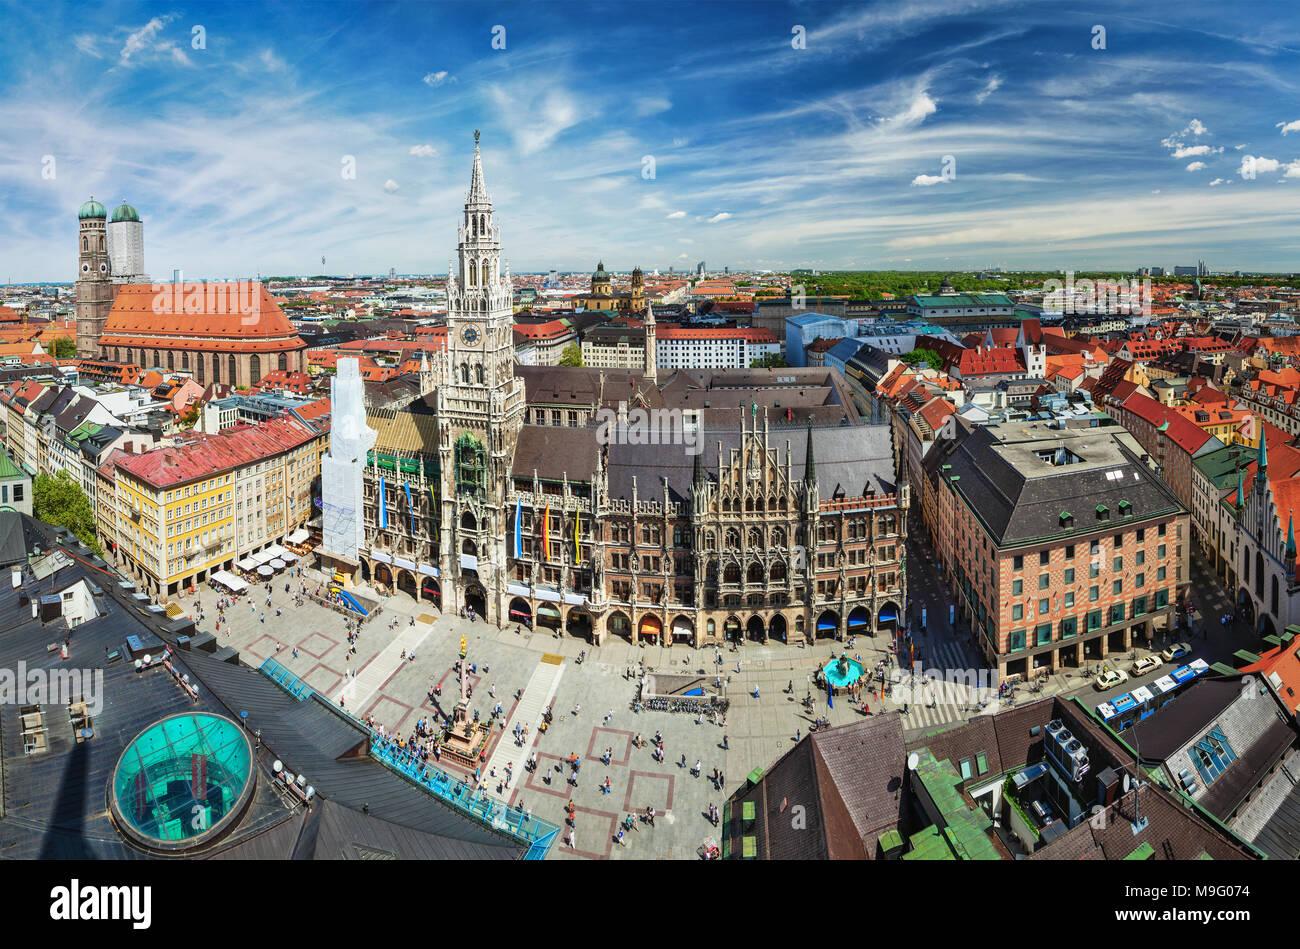 Luftaufnahme von München, Deutschland Stockbild